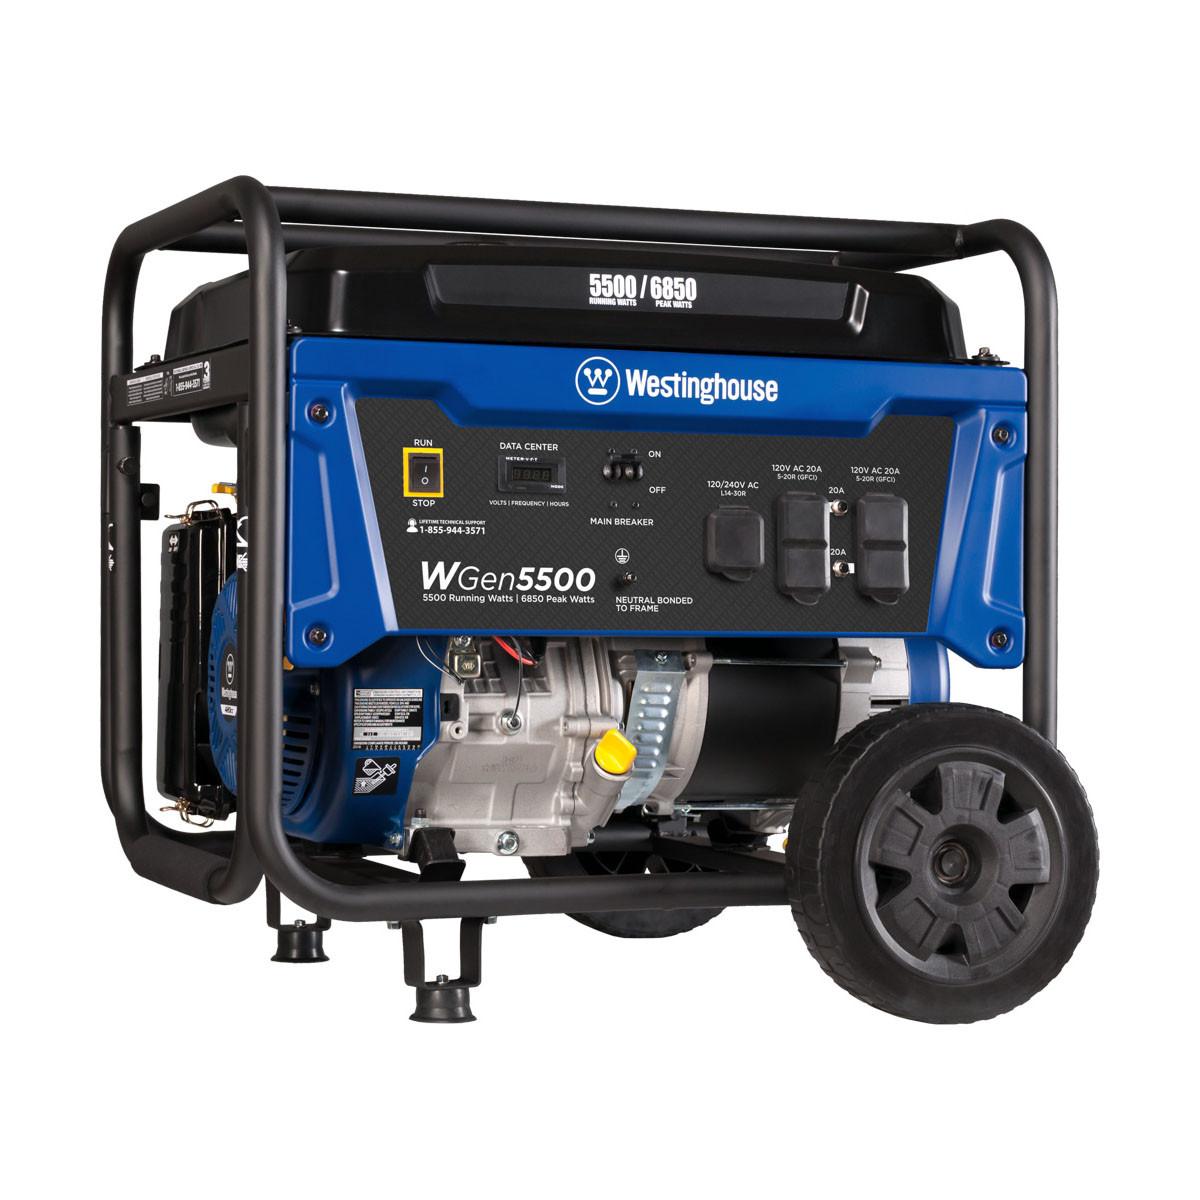 Westinghouse WGen5500 5500W Portable Generator